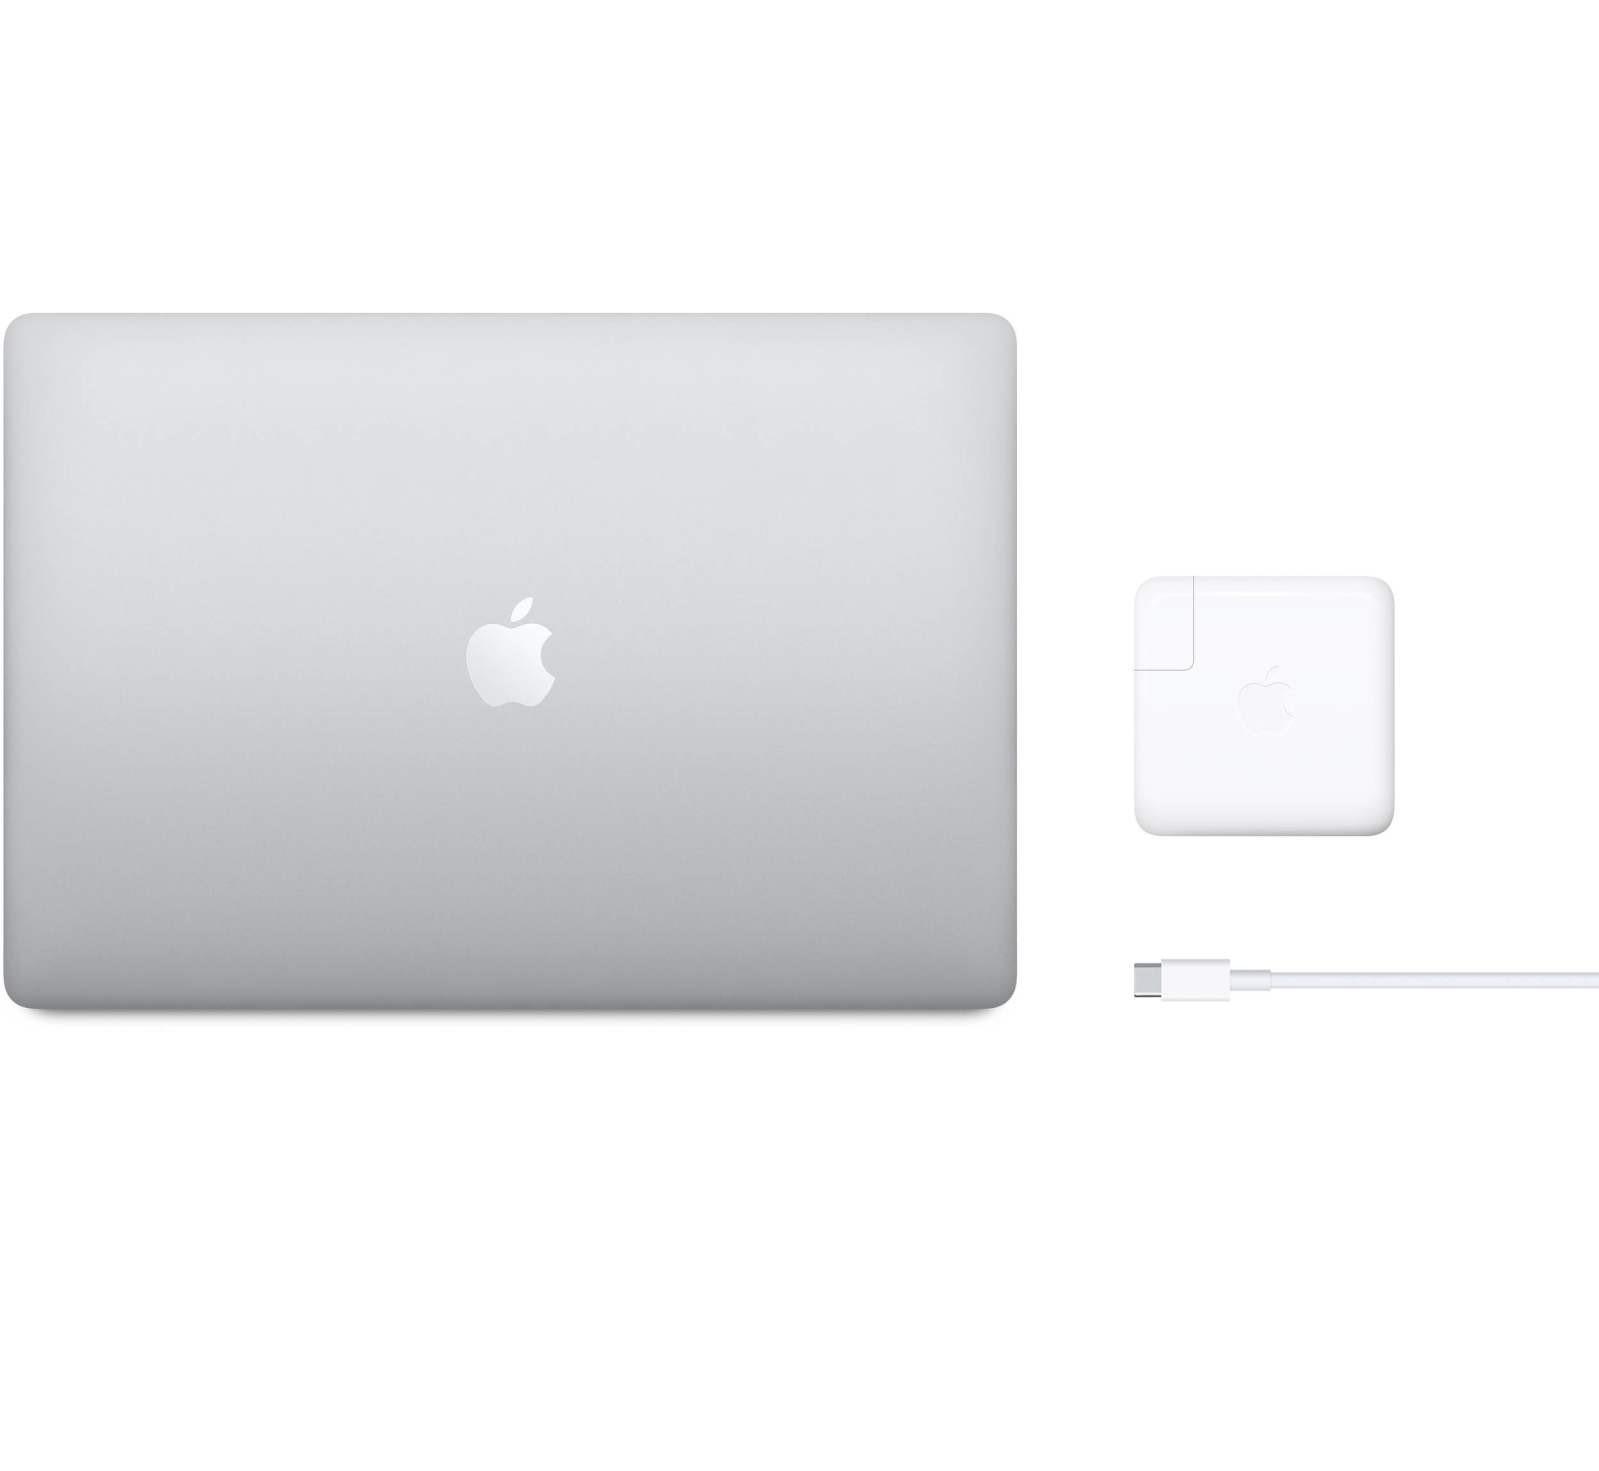 Apple MacBook Air MQD32 2017 - 13 inch Laptop